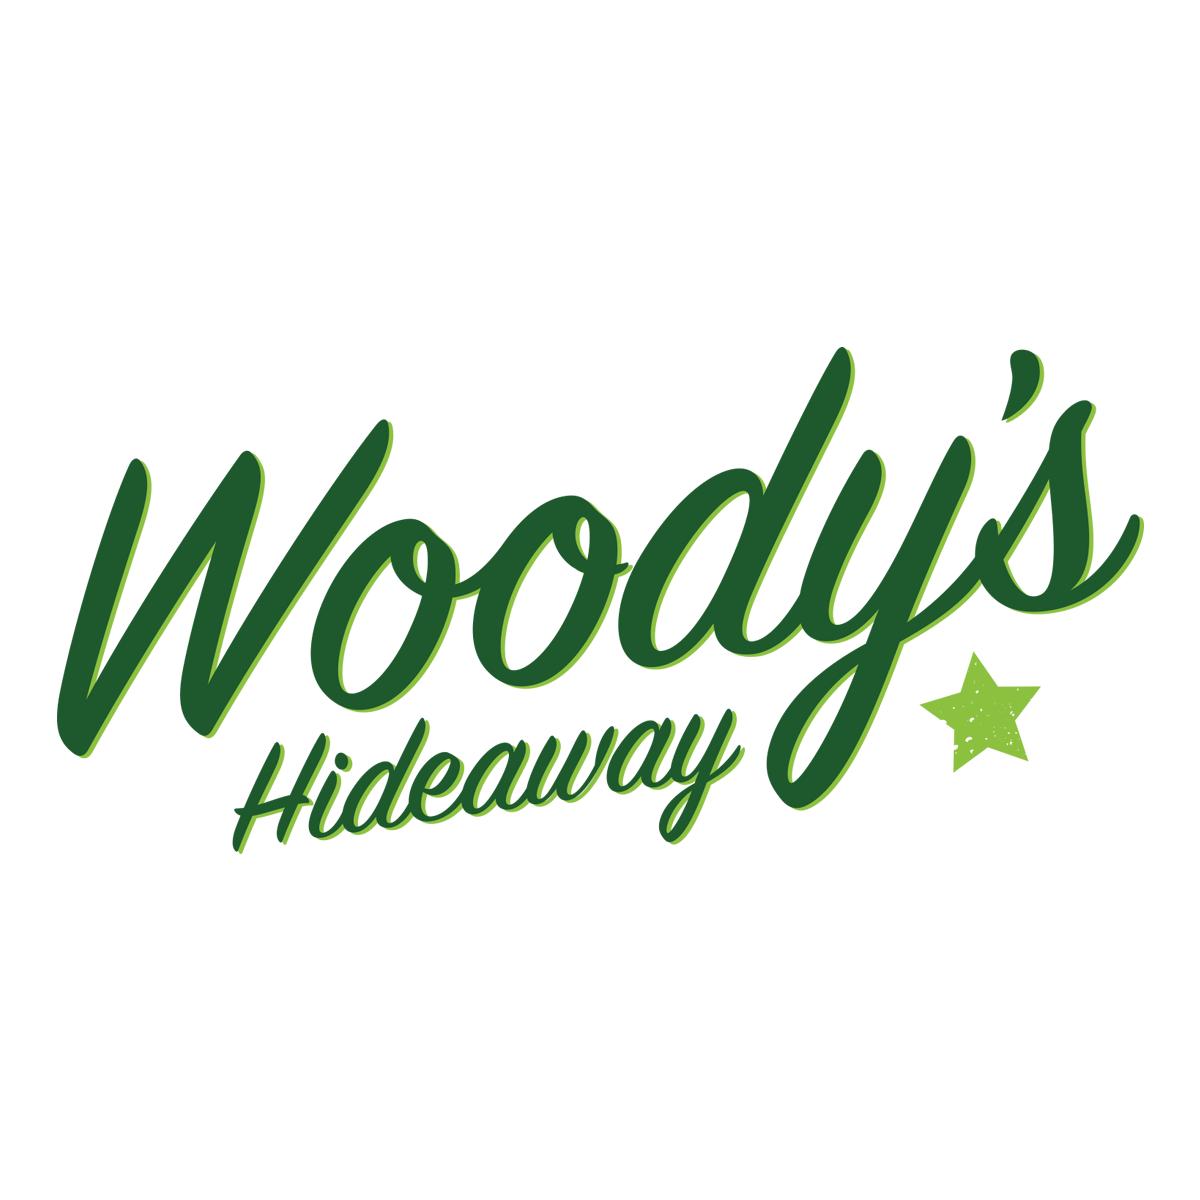 Woody's Hideaway